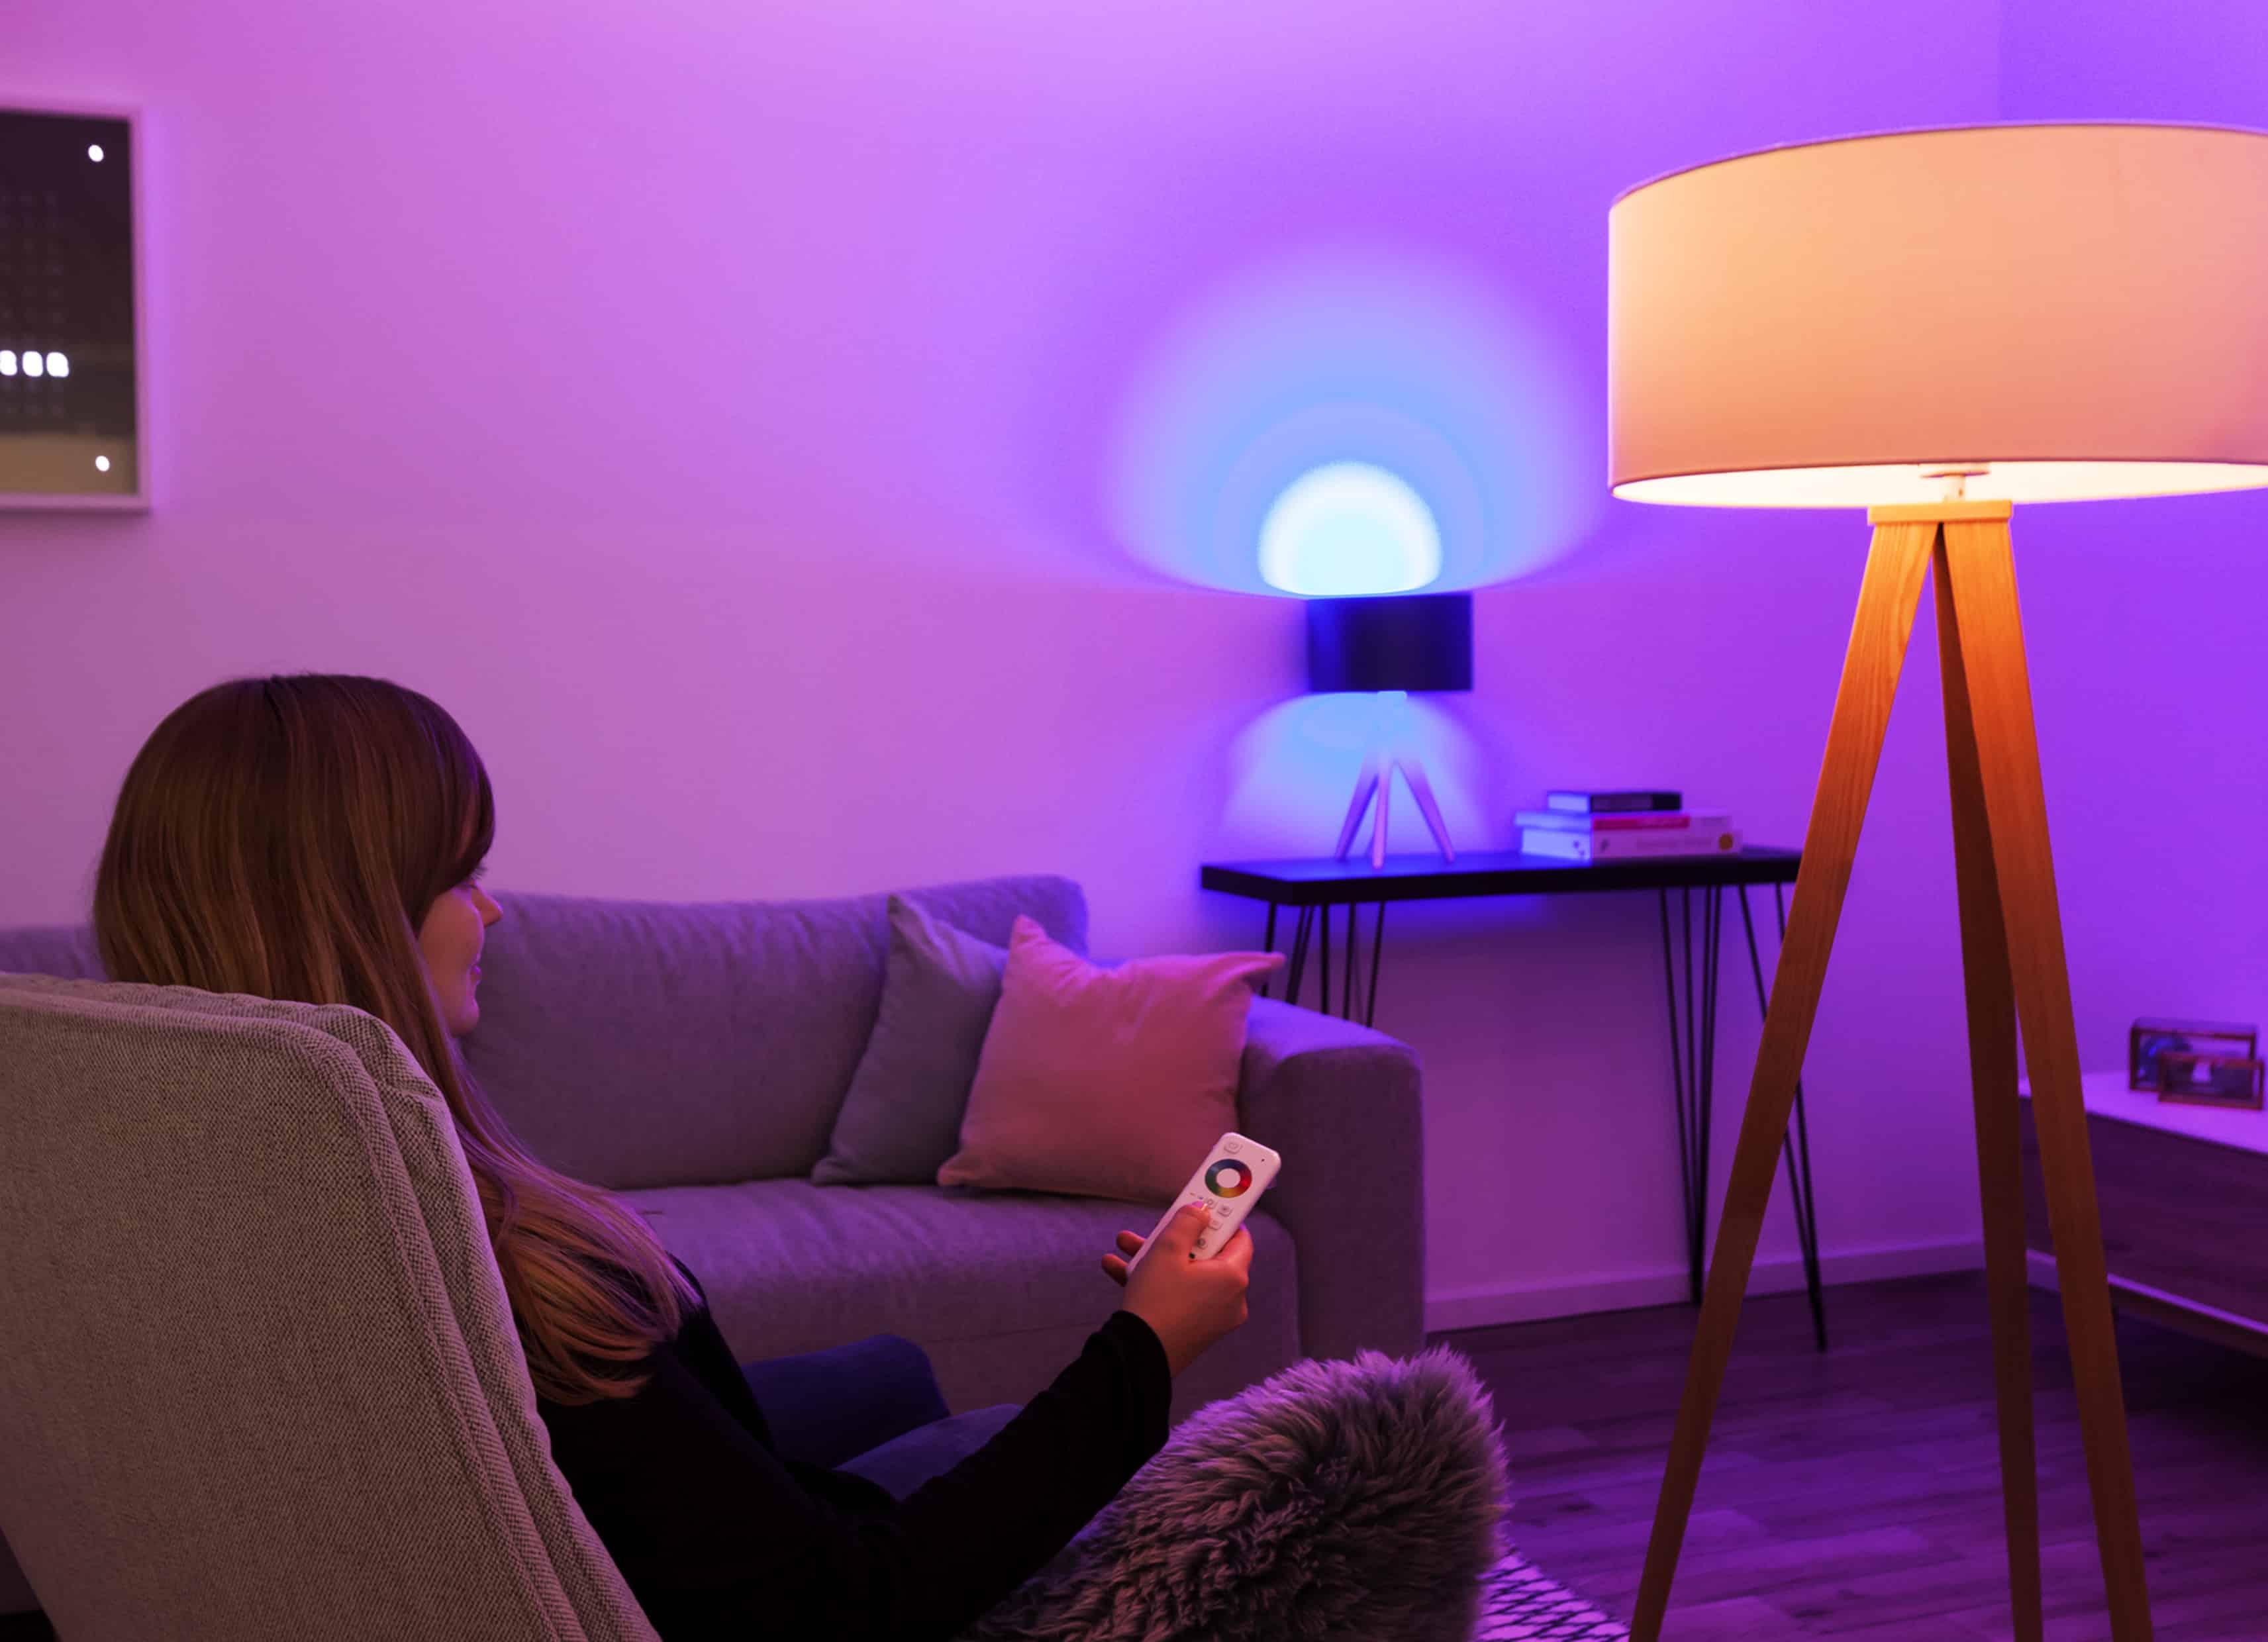 Tint Smarte Leuchten Ab Sofort Bei Aldi Smarthomeblogde